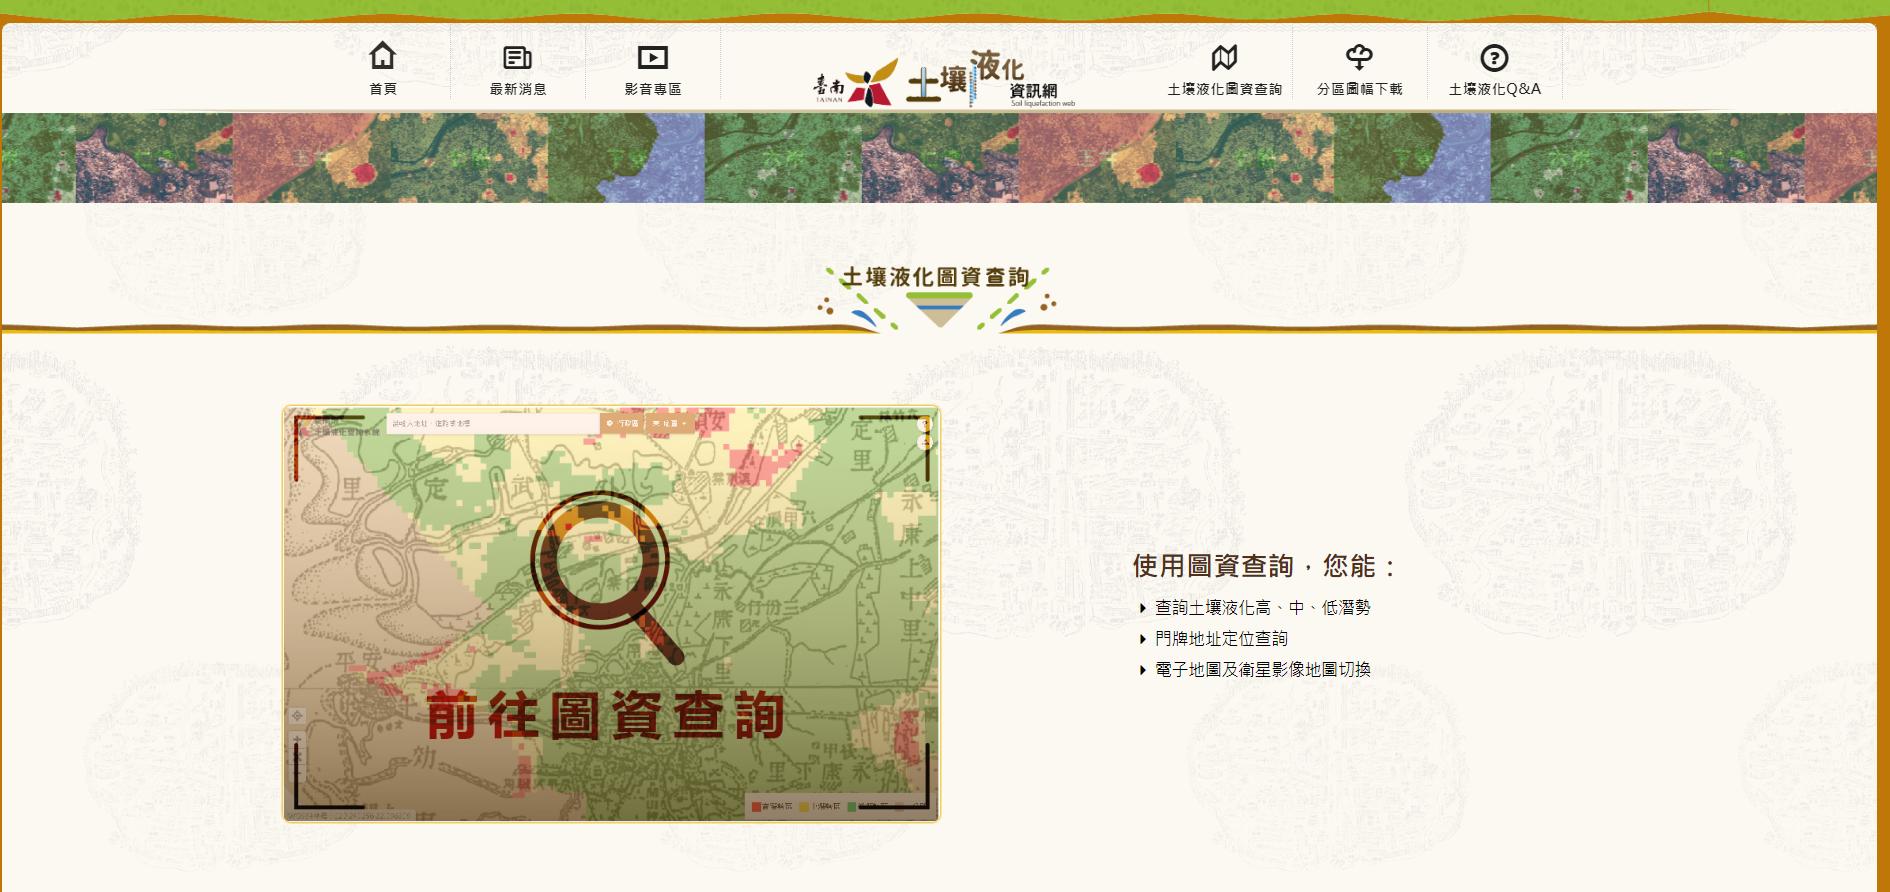 臺南市土壤液化資訊網